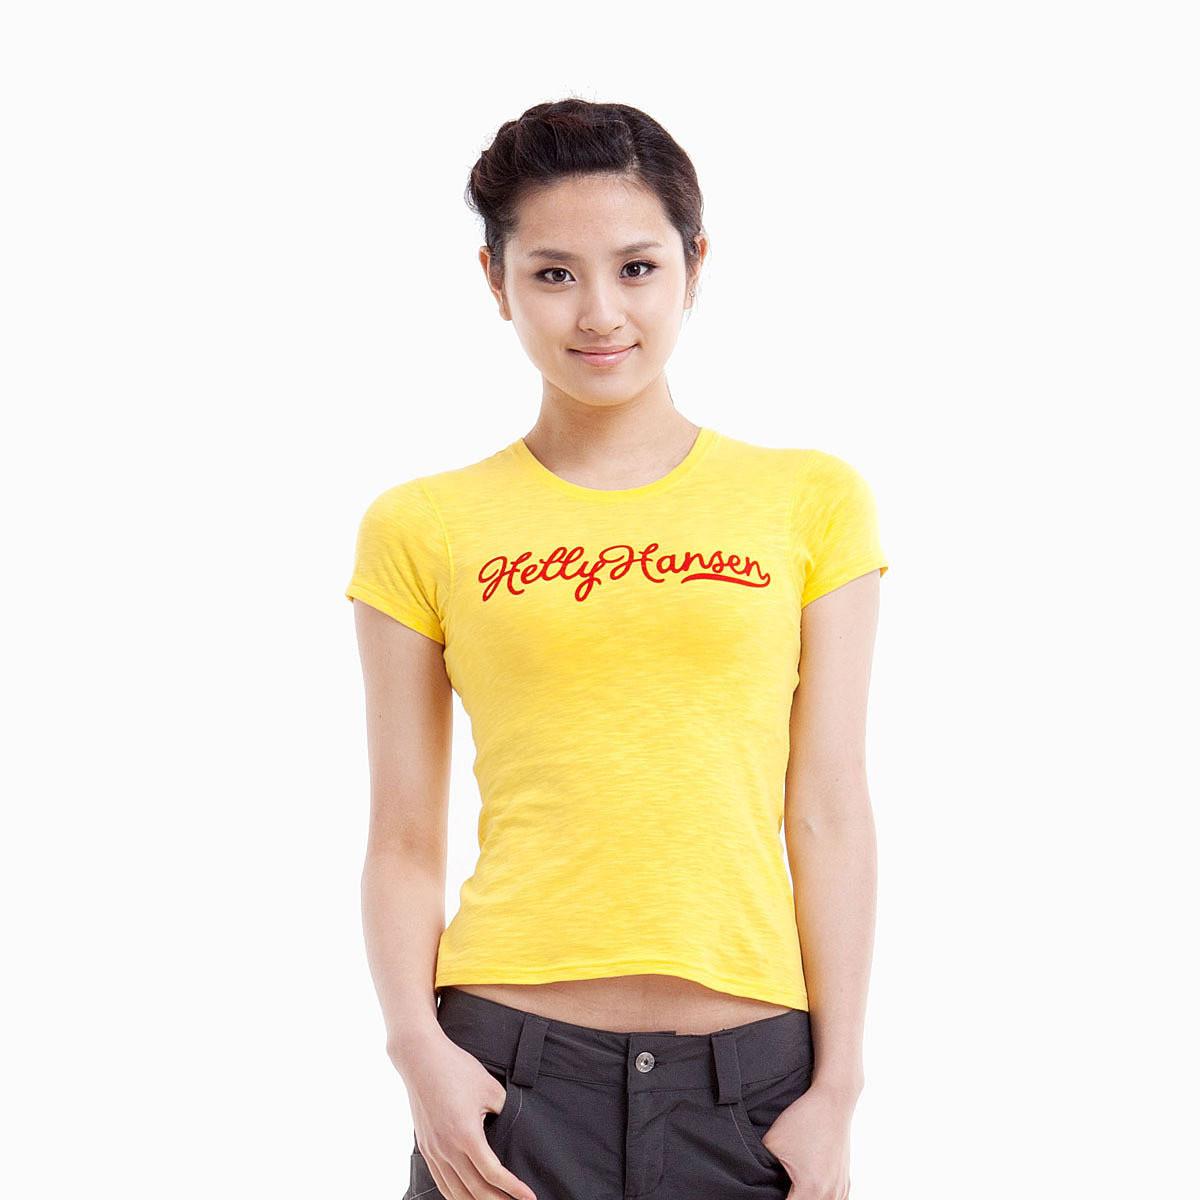 Спортивная футболка Helly Hansen 61122001mt05536 HH 05536 Стандартный Воротник-стойка Органический хлопок Для спорта и отдыха Воздухопроницаемые, Ультралегкие, Быстросохнущие, Влагопоглощающие, Суперэластичные Рисунок, Логотип бренда